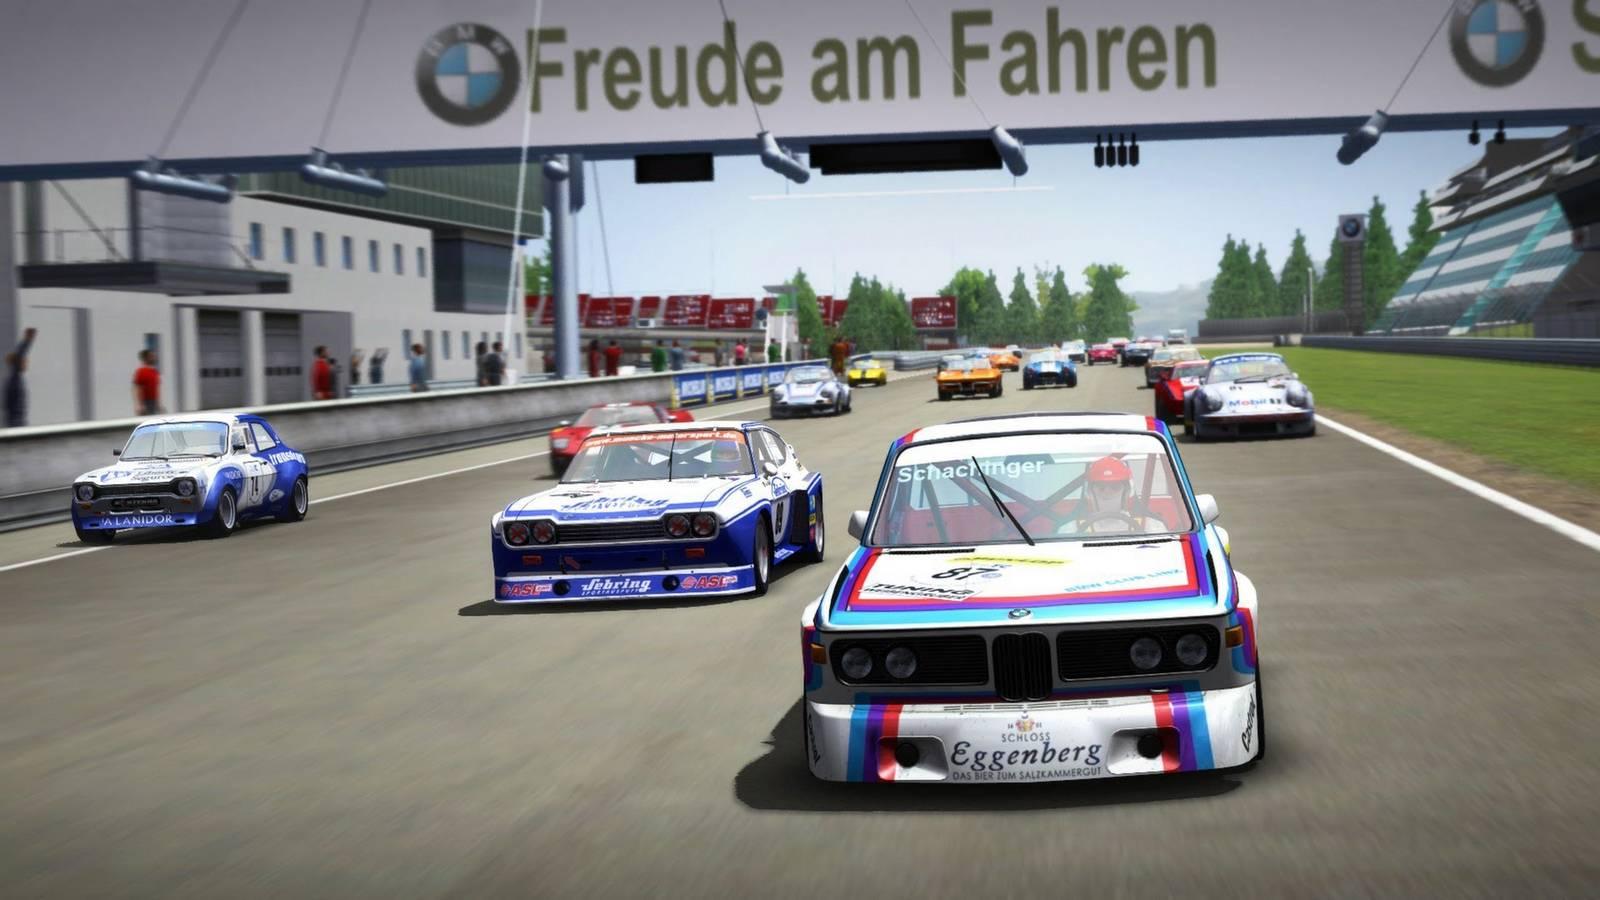 Top 7 Best Car Racing Games In 2015/2016